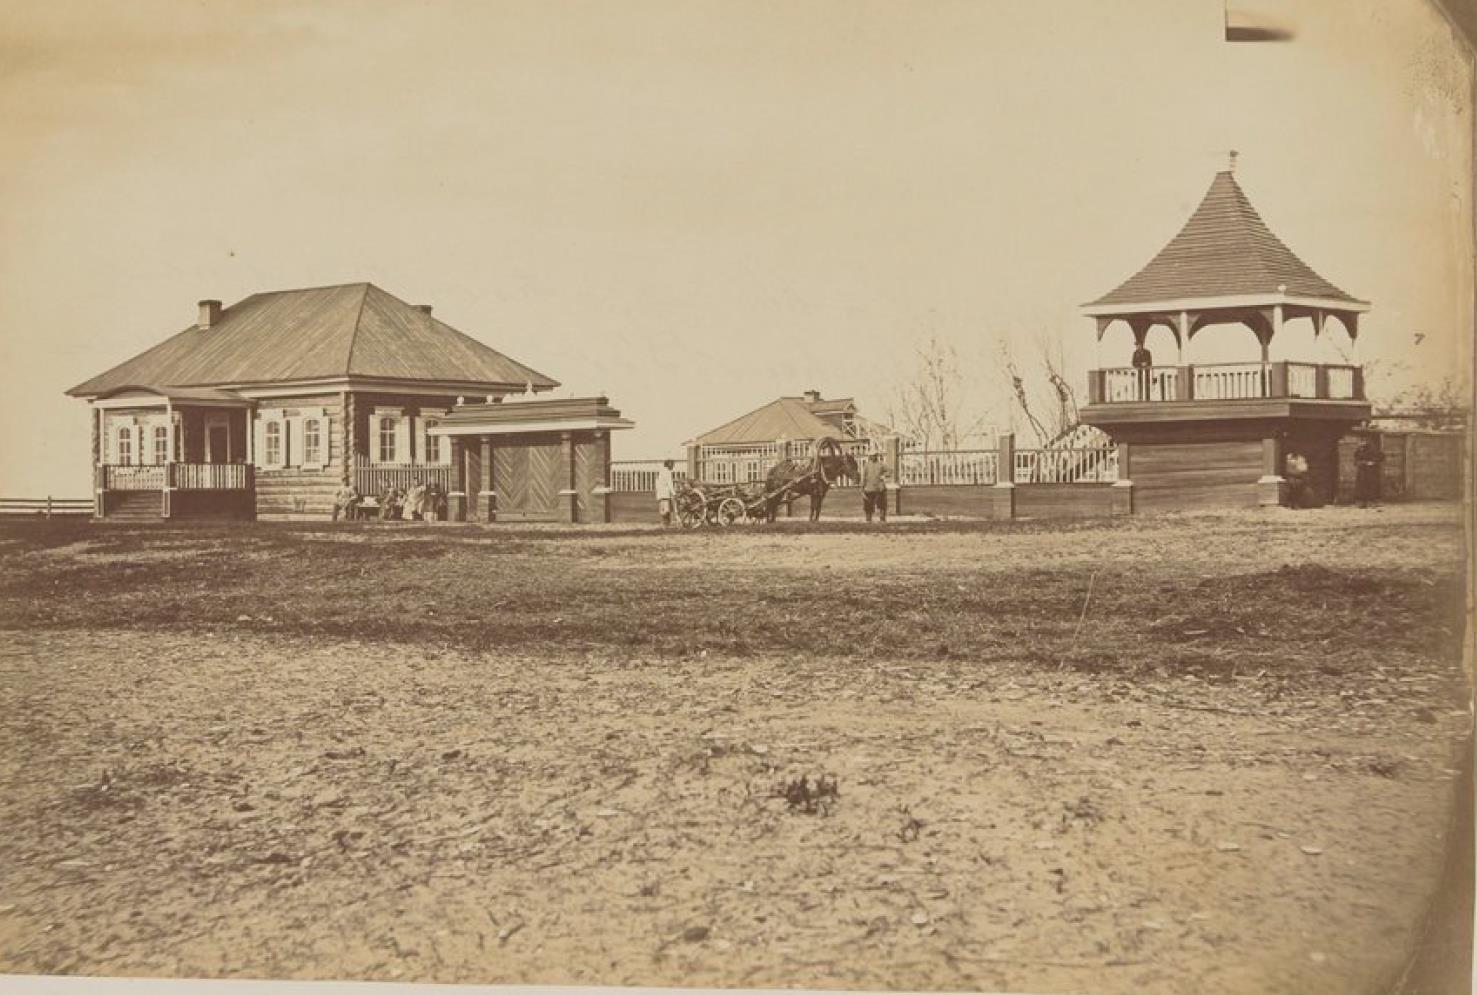 Окрестности Благовещенска. Дома золотодобывающей компании, расположенные на Амуре в 42 километрах ниже по течению от Благовещенска. 1872